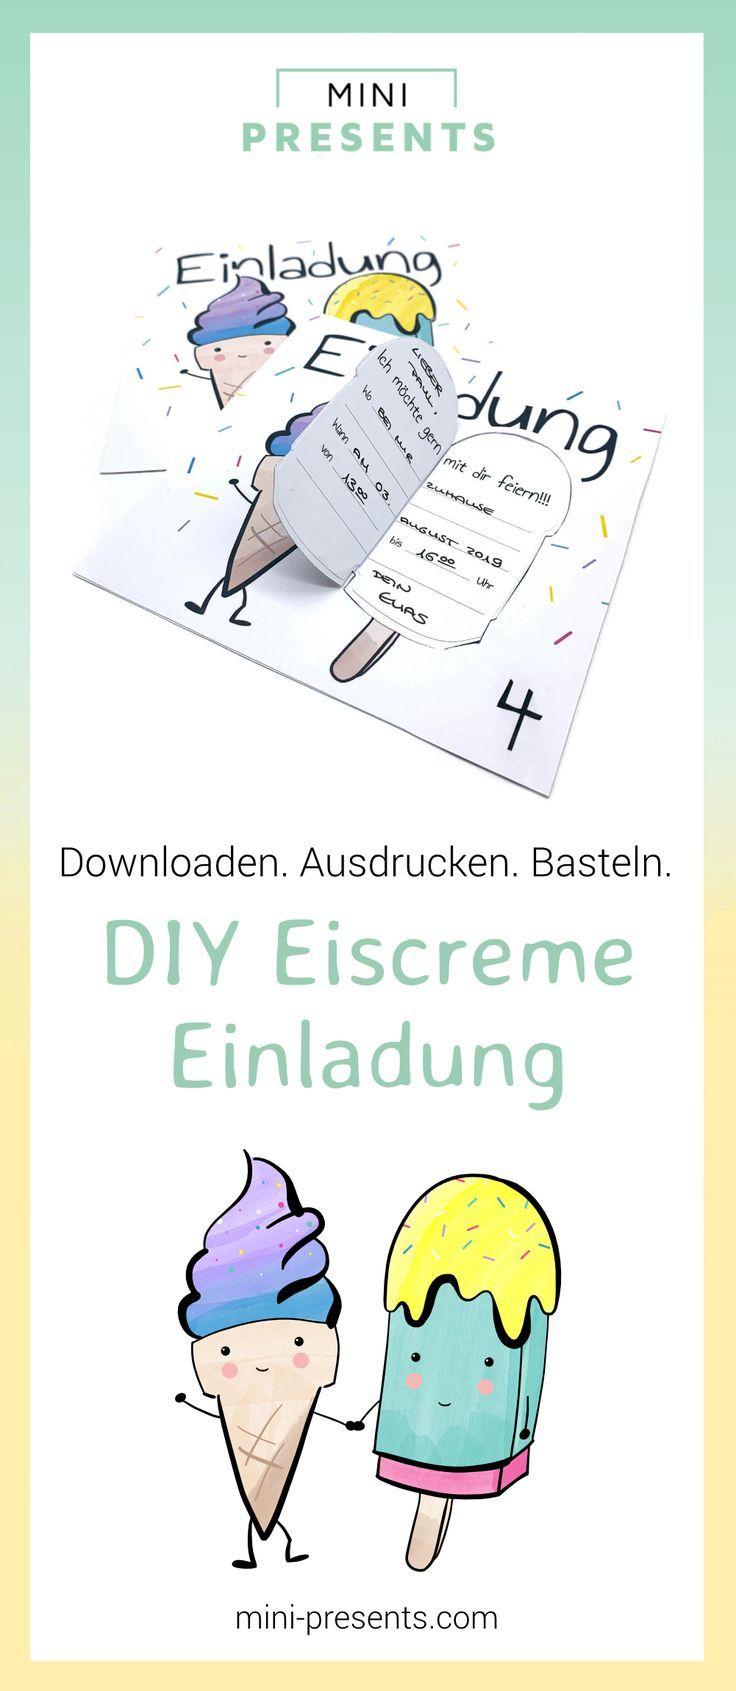 Photo of mini-presents | Eiscreme Einladung für den Kindergeburtstag, Eis Einladungskarte | Geschenkideen & Party Deko zum Ausdrucken und Basteln.